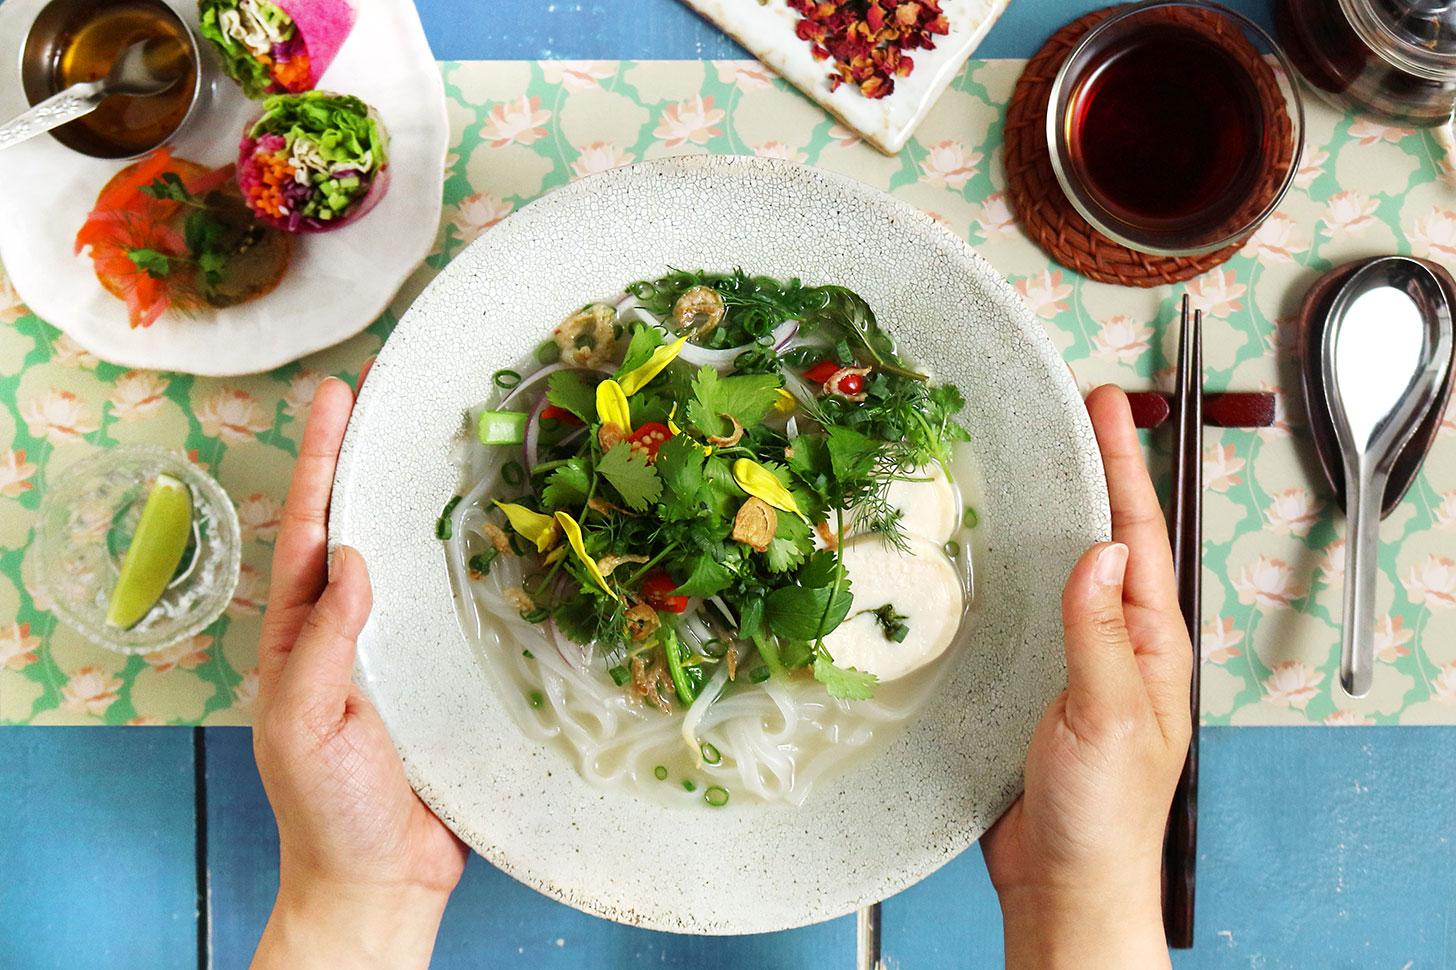 ベトナミーズ ティー&キッチン「ハス」が横浜ルミネに!ベトナム料理とこだわりのお茶